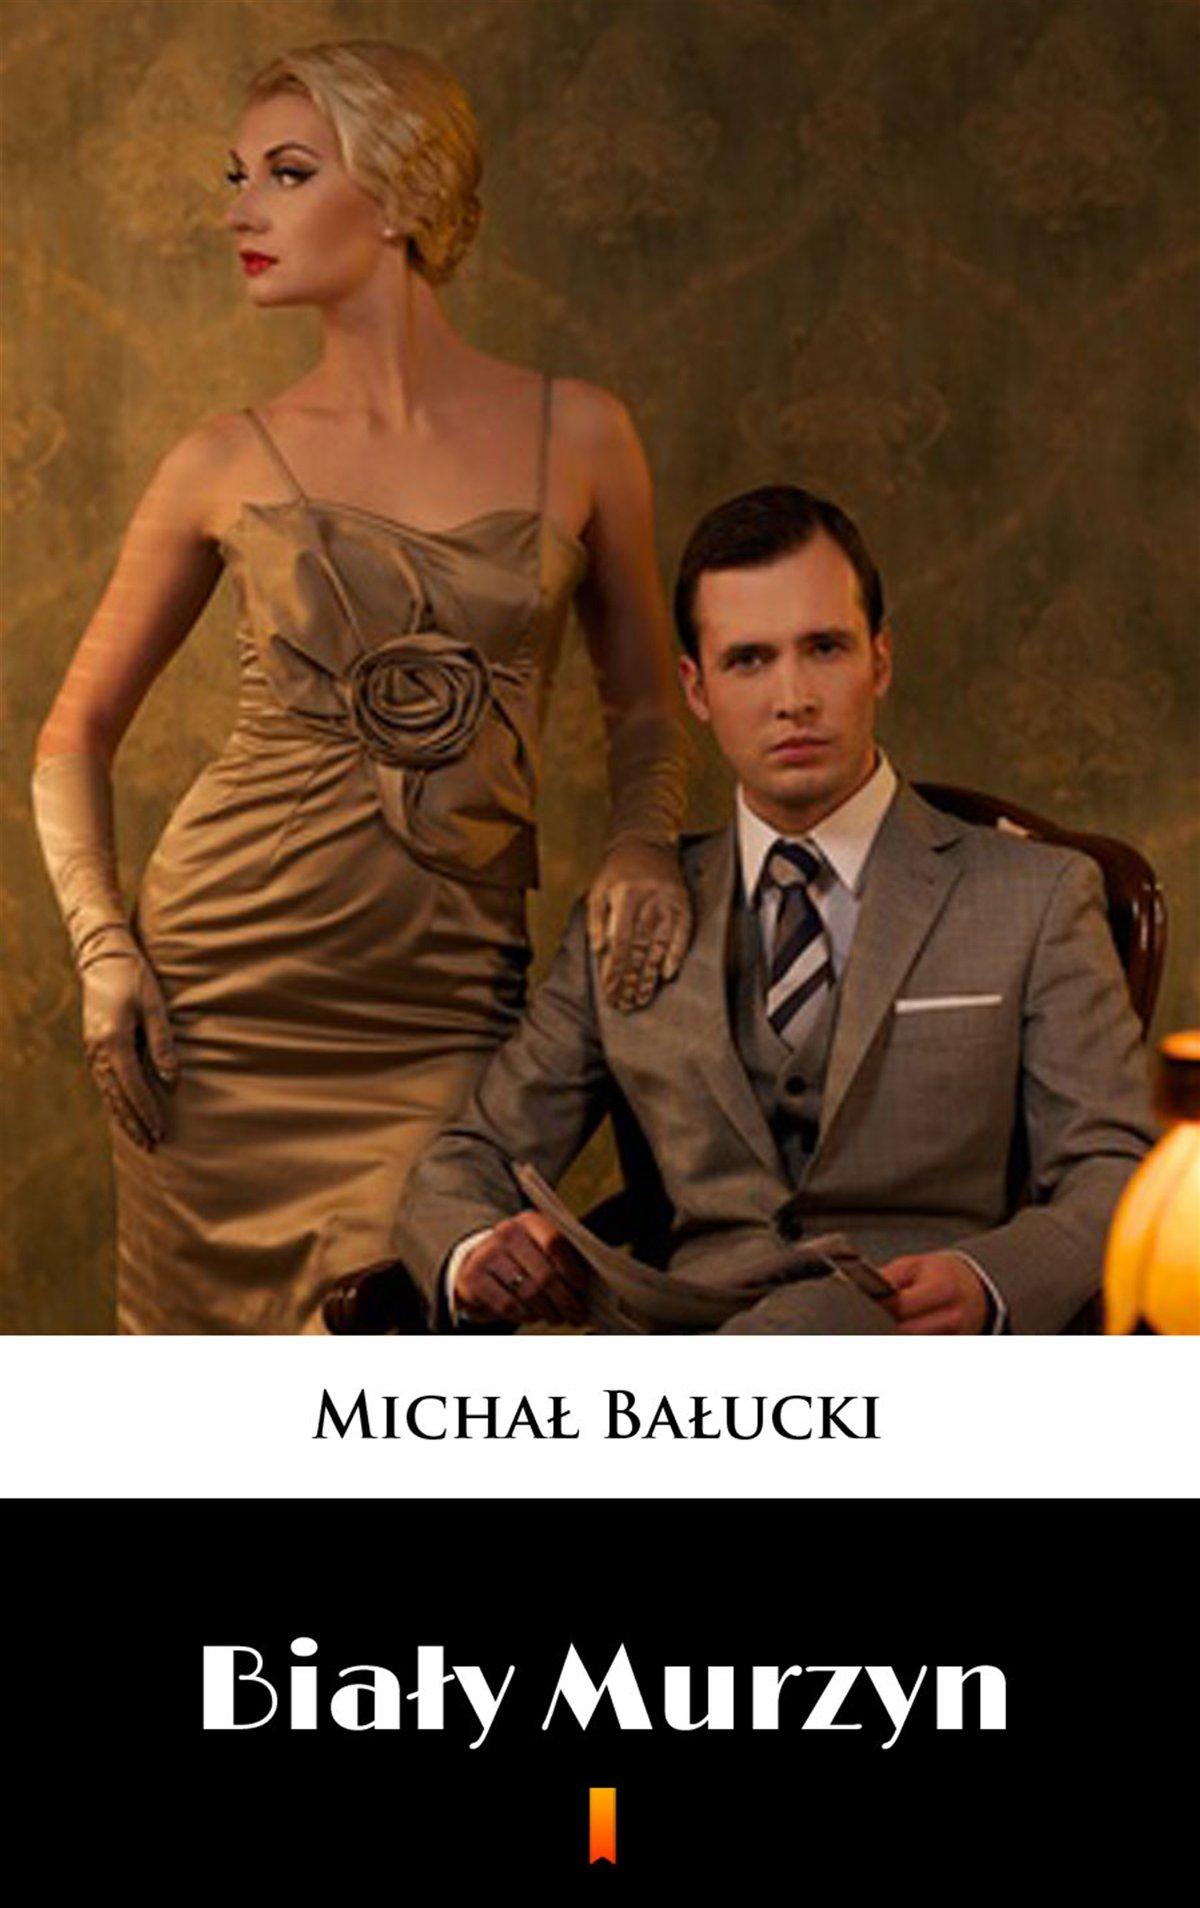 Biały murzyn - Ebook (Książka na Kindle) do pobrania w formacie MOBI